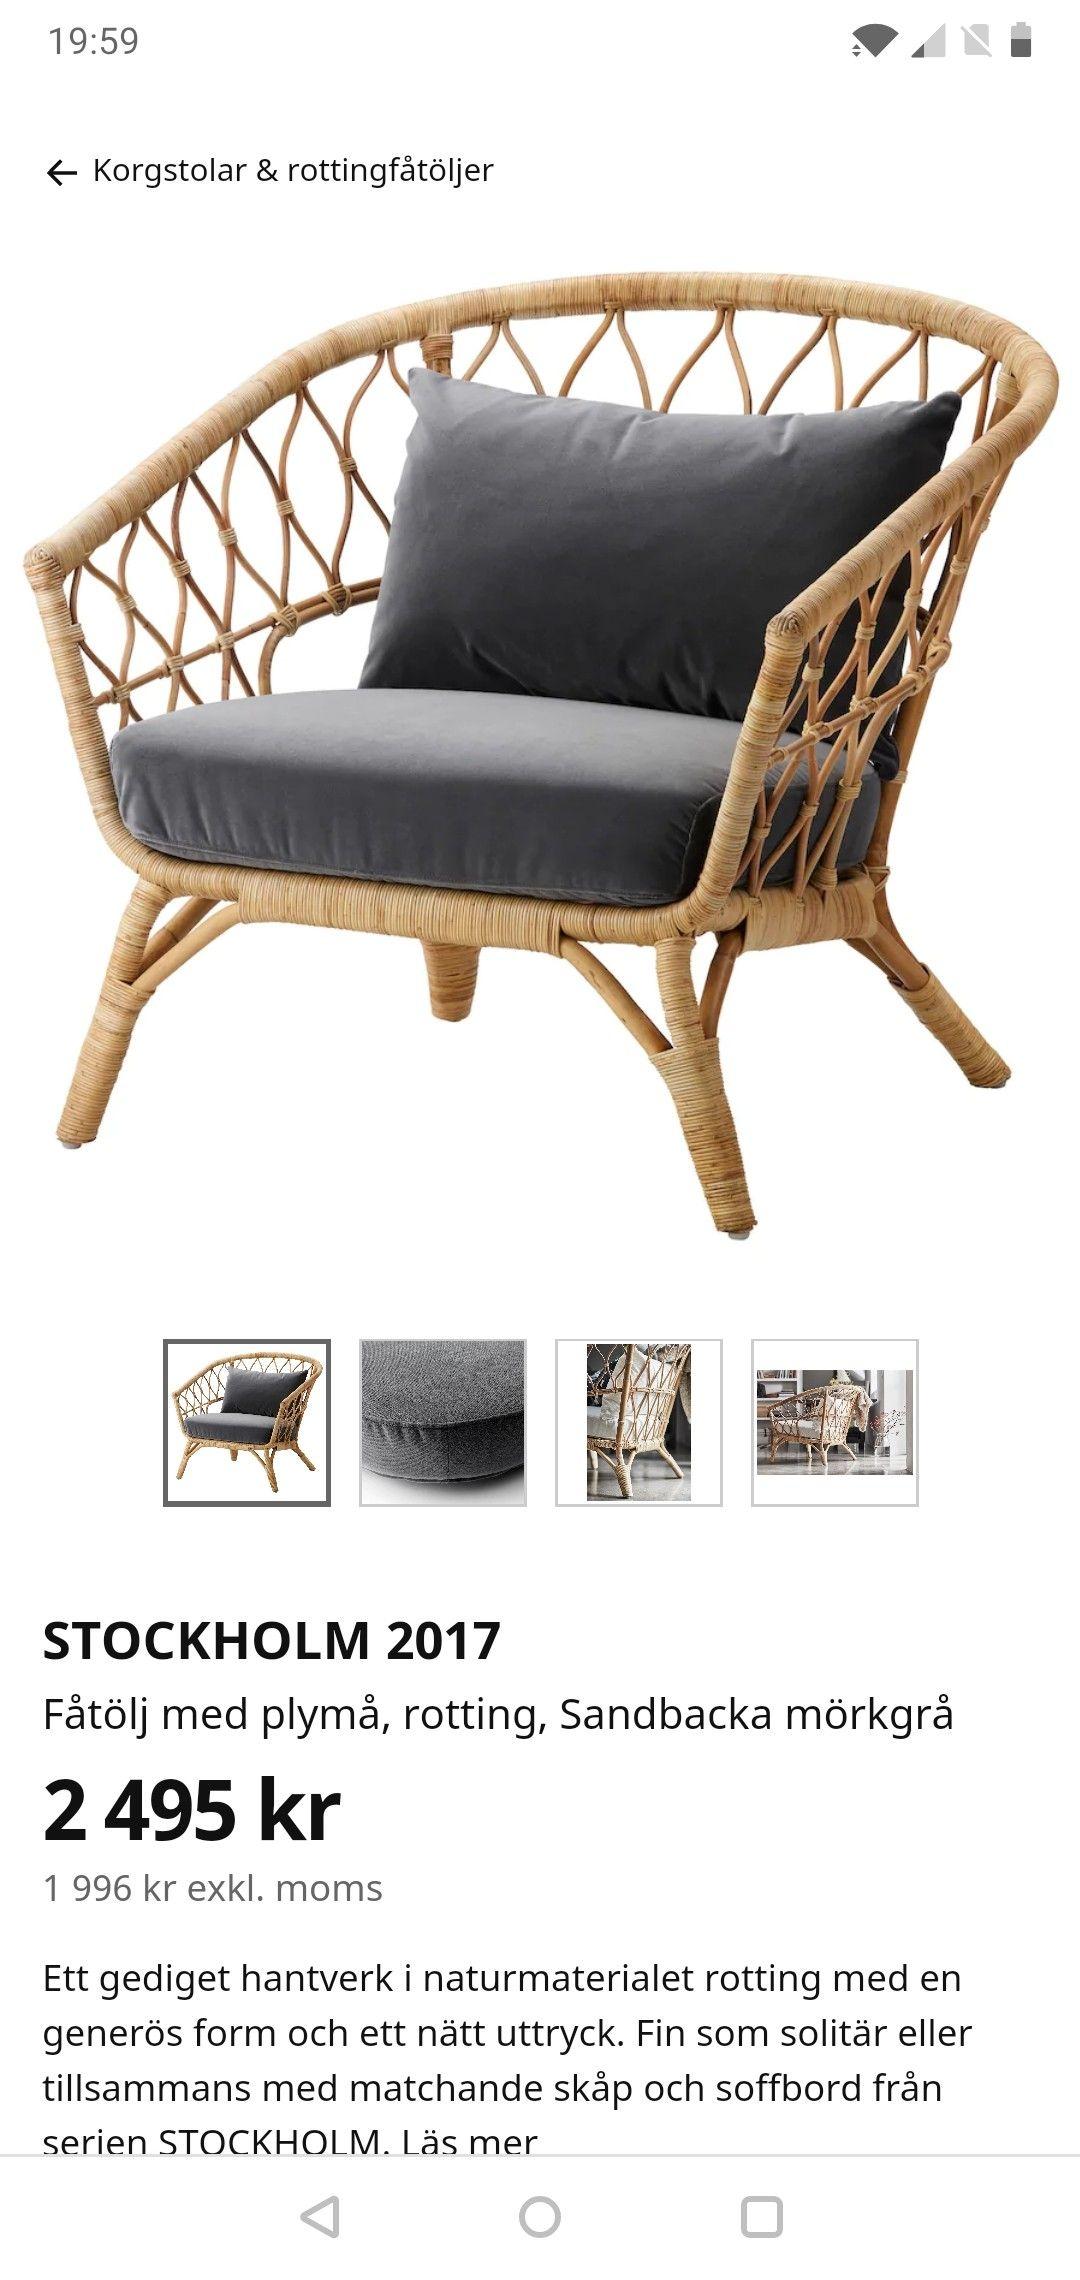 STOCKHOLM 2017 Fåtölj med plymå, rotting, Sandbacka mörkgrå